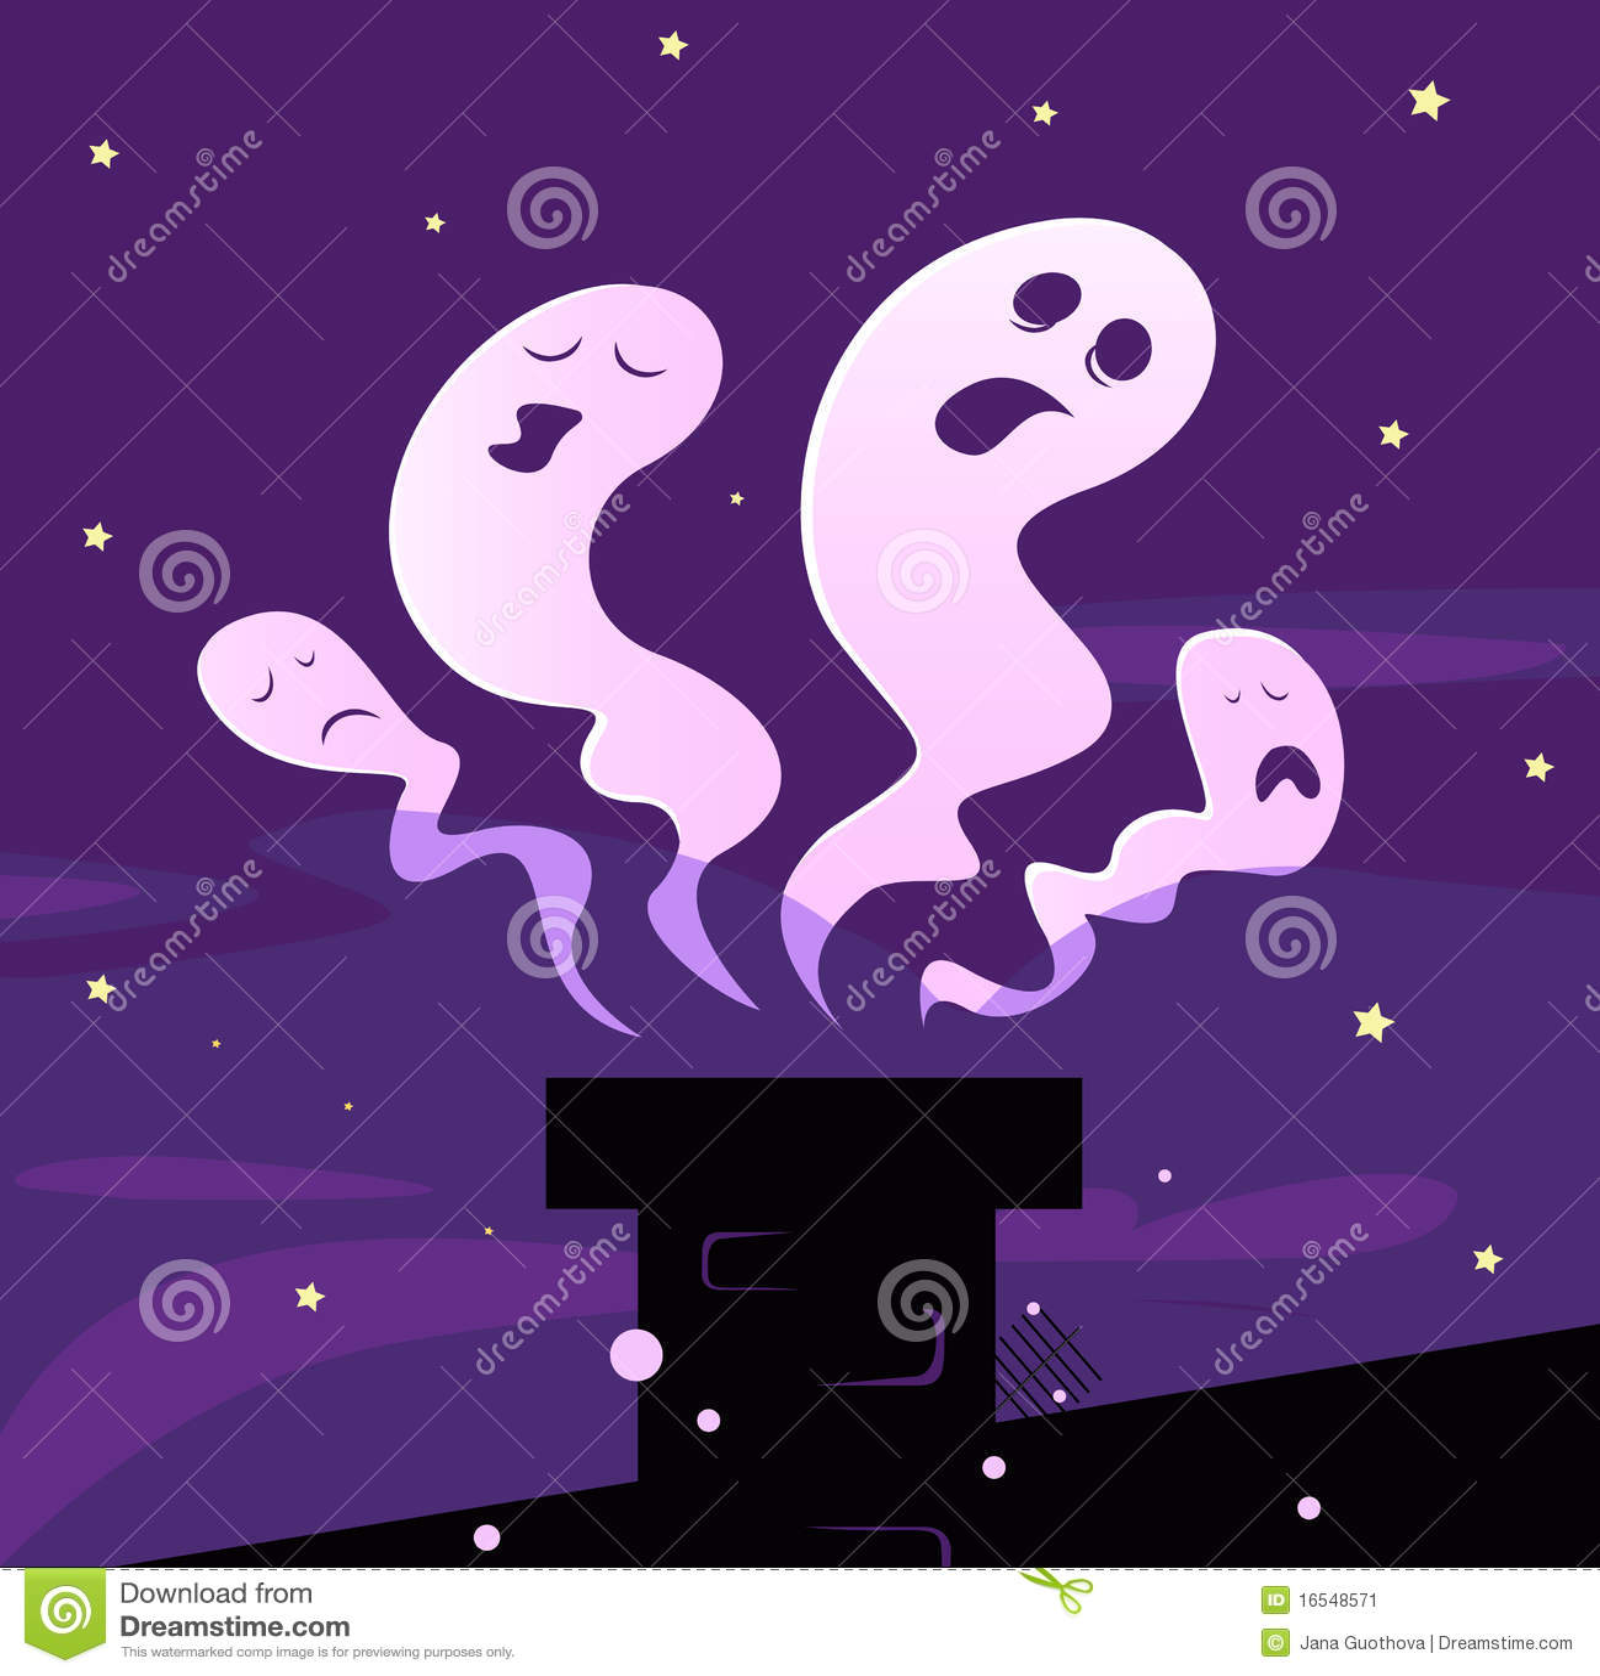 Fantasmas de Víspera de Todos los Santos que vuelan alrededor de la chimenea